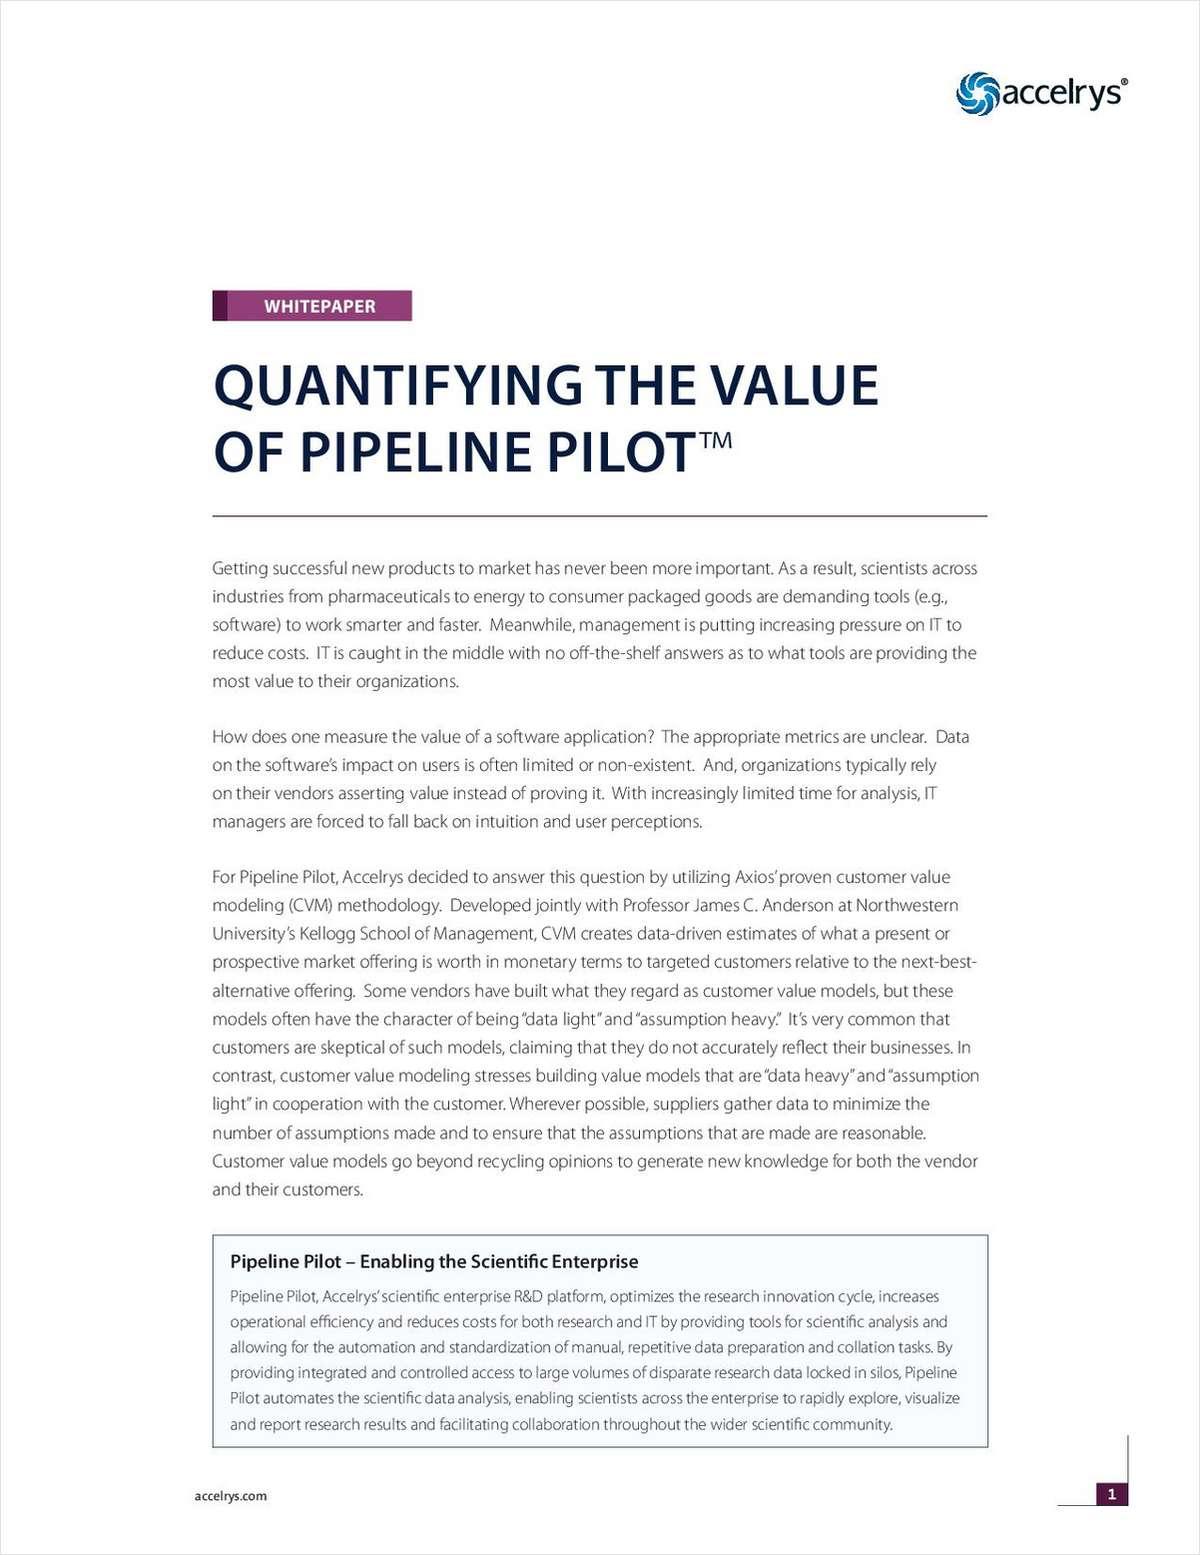 Quantifying the Value of Pipeline Pilot, the Accelrys Scientific Enterprise Platform